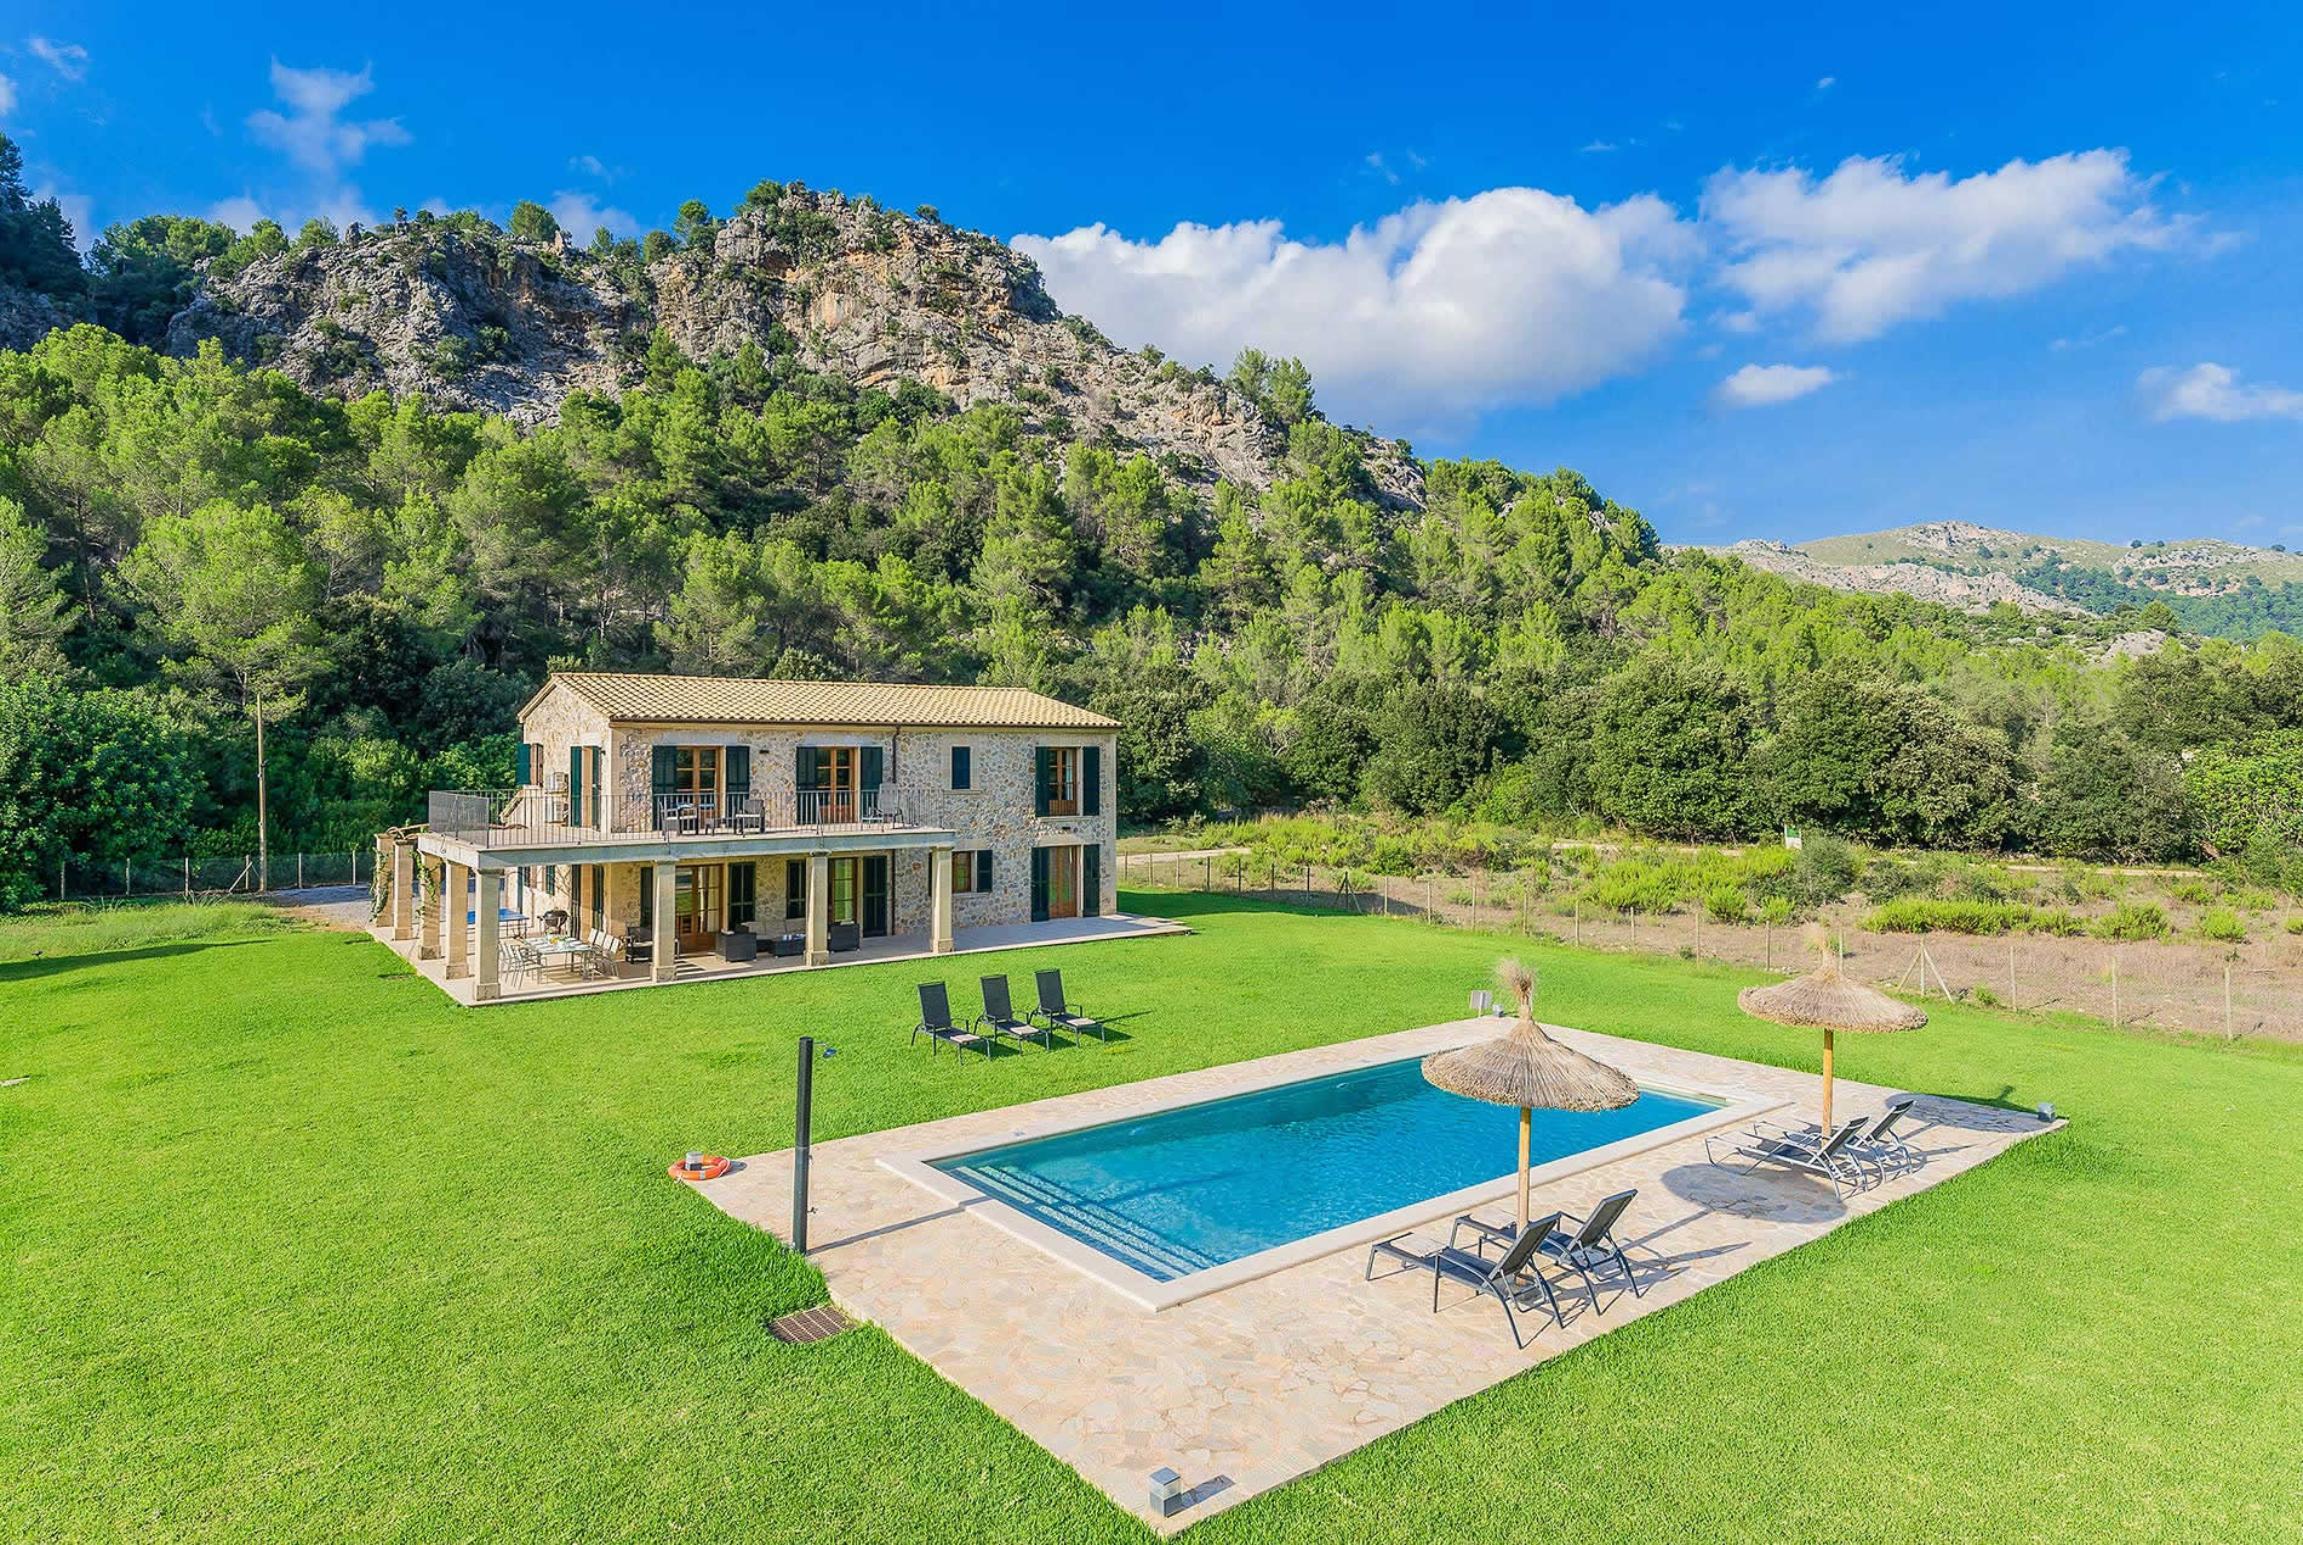 Ferienhaus Vall d'en Marc (2654334), Pollença, Mallorca, Balearische Inseln, Spanien, Bild 19